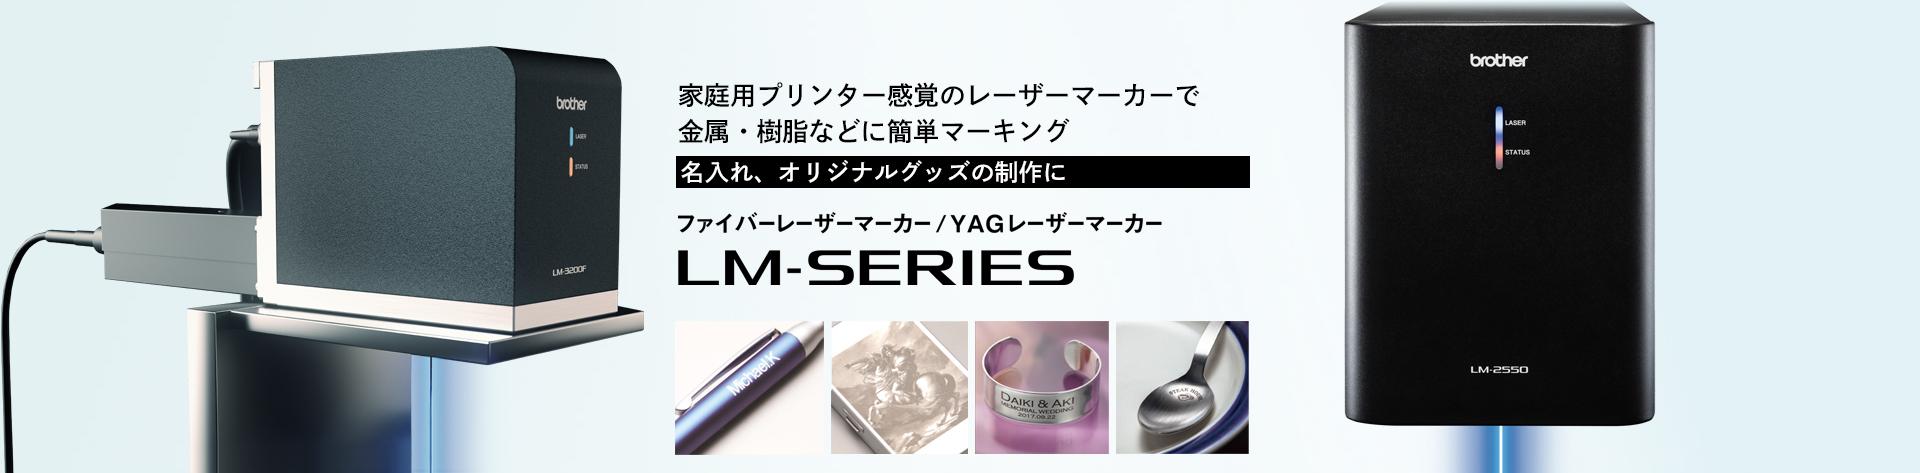 家庭用プリンター感覚のレーザーマーカーで金属 (鉄, アルミ, ステンレス等)、樹脂、合皮、ゴムなどに簡単マーキング(刻印/彫刻)